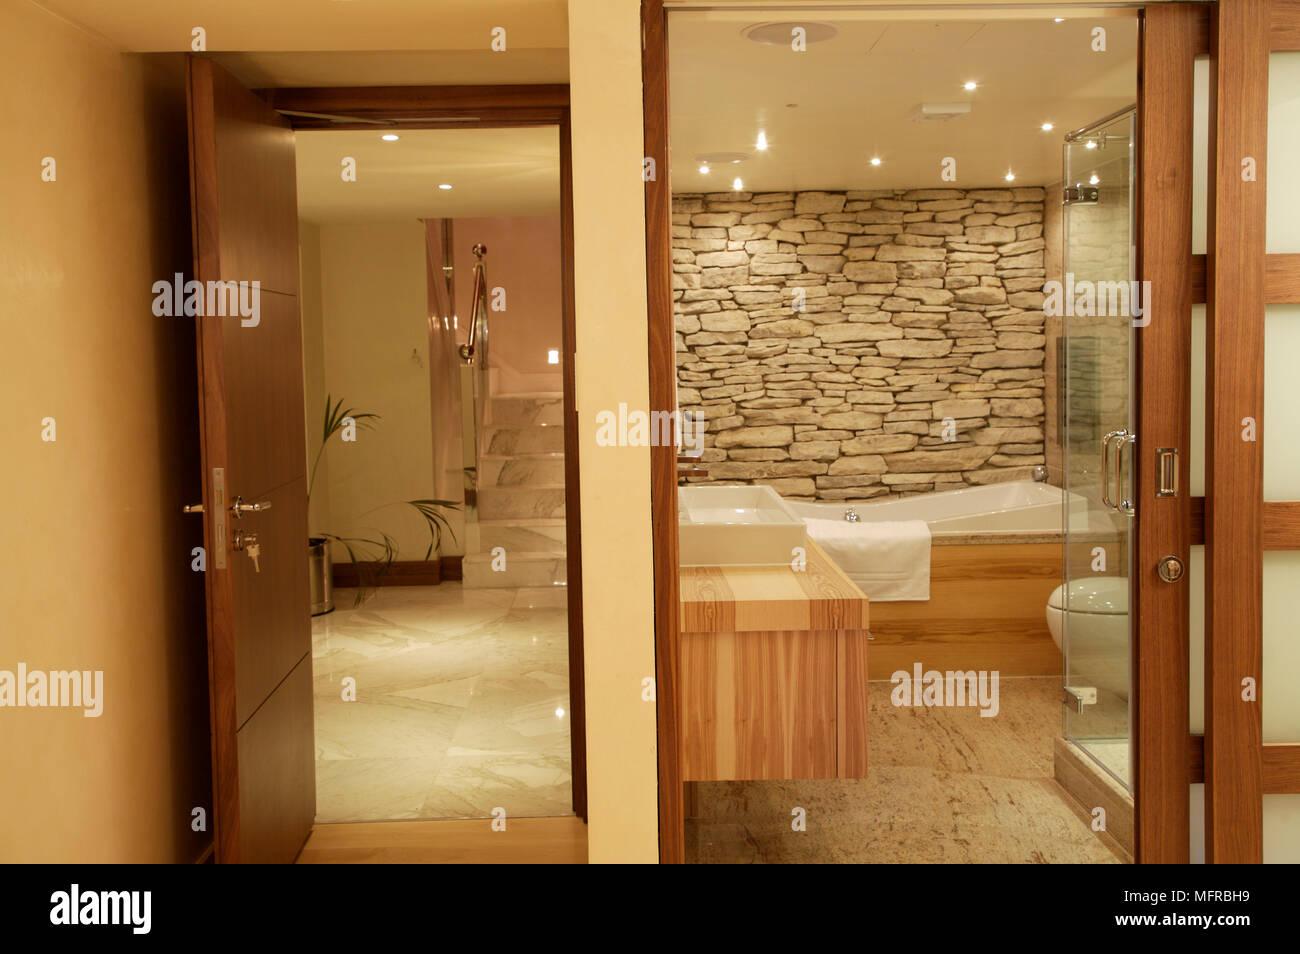 https www alamyimages fr salle de bains avec mur en pierres apparentes et d unites de bois nu image181837525 html